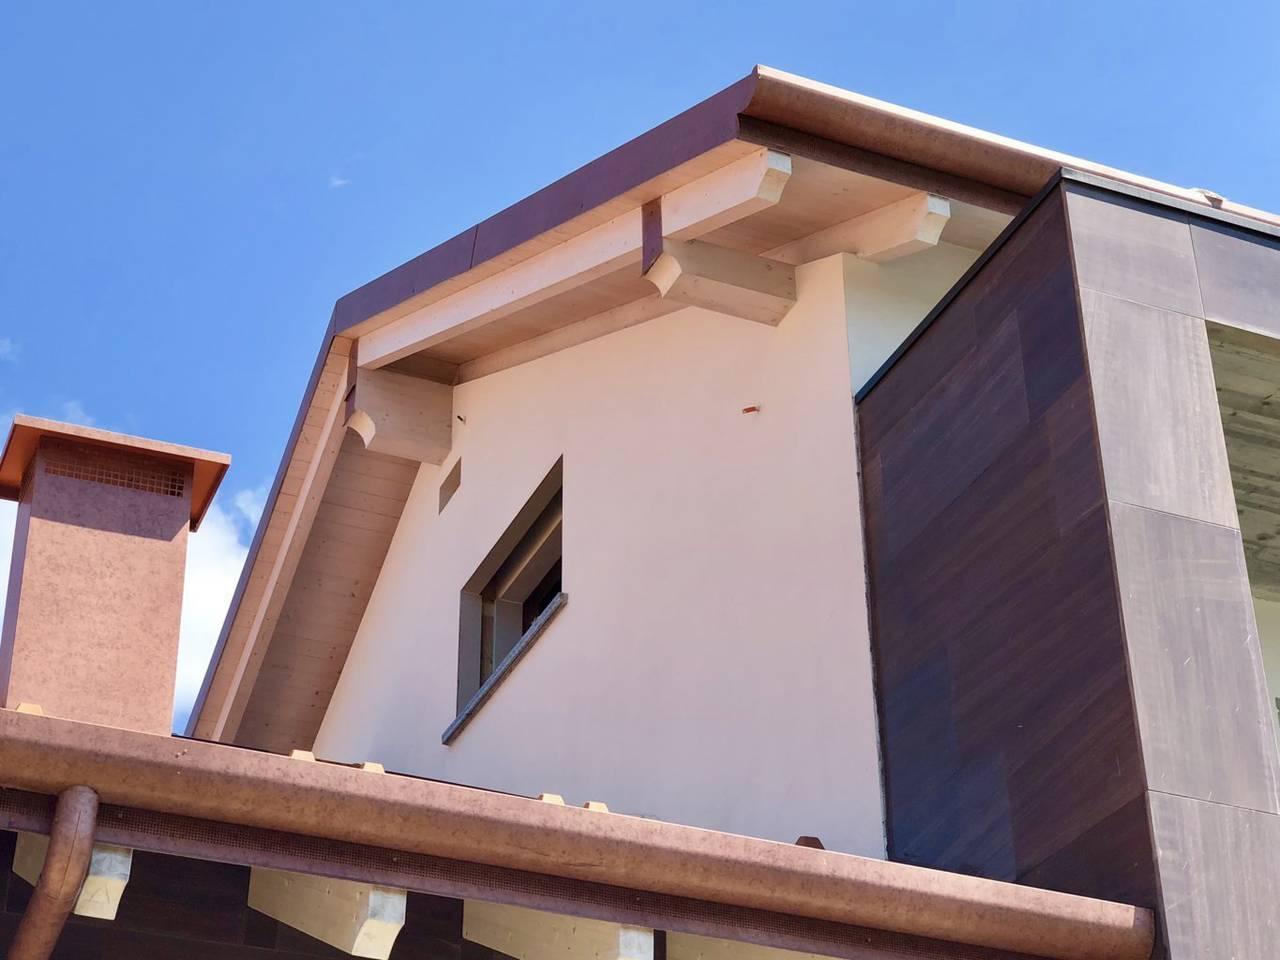 Nuova-villa-in-costruzione-in-vendita-a-Bernareggio-14